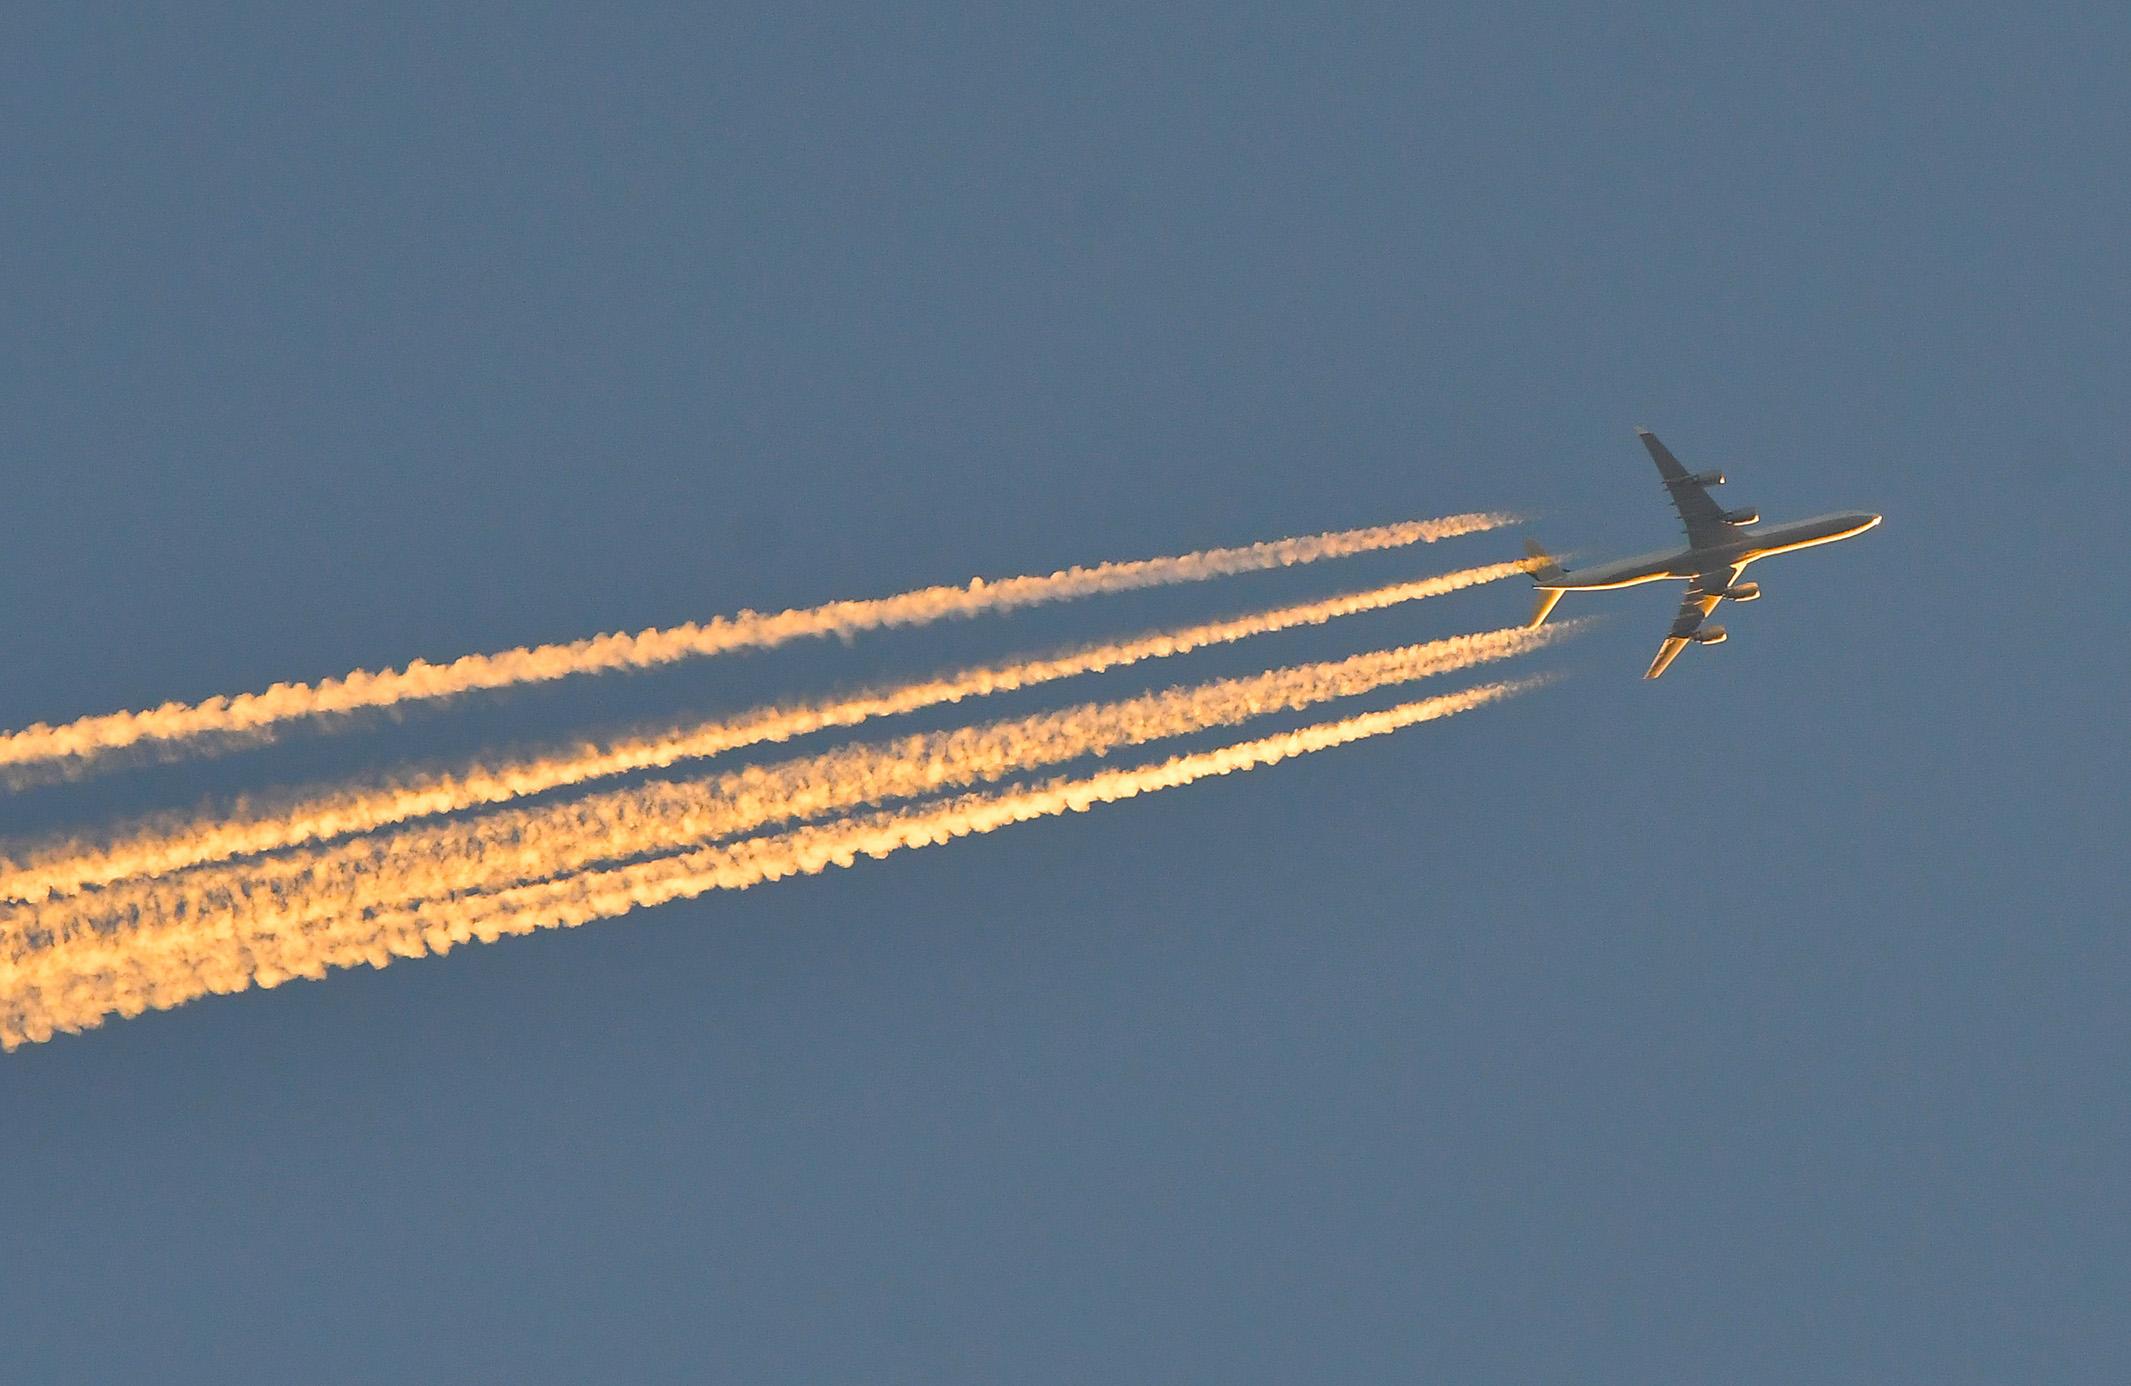 Vliegtuigstrepen ontstaan door uitlaatgassen van vliegtuigmotoren – Foto: © Louis Fraanje